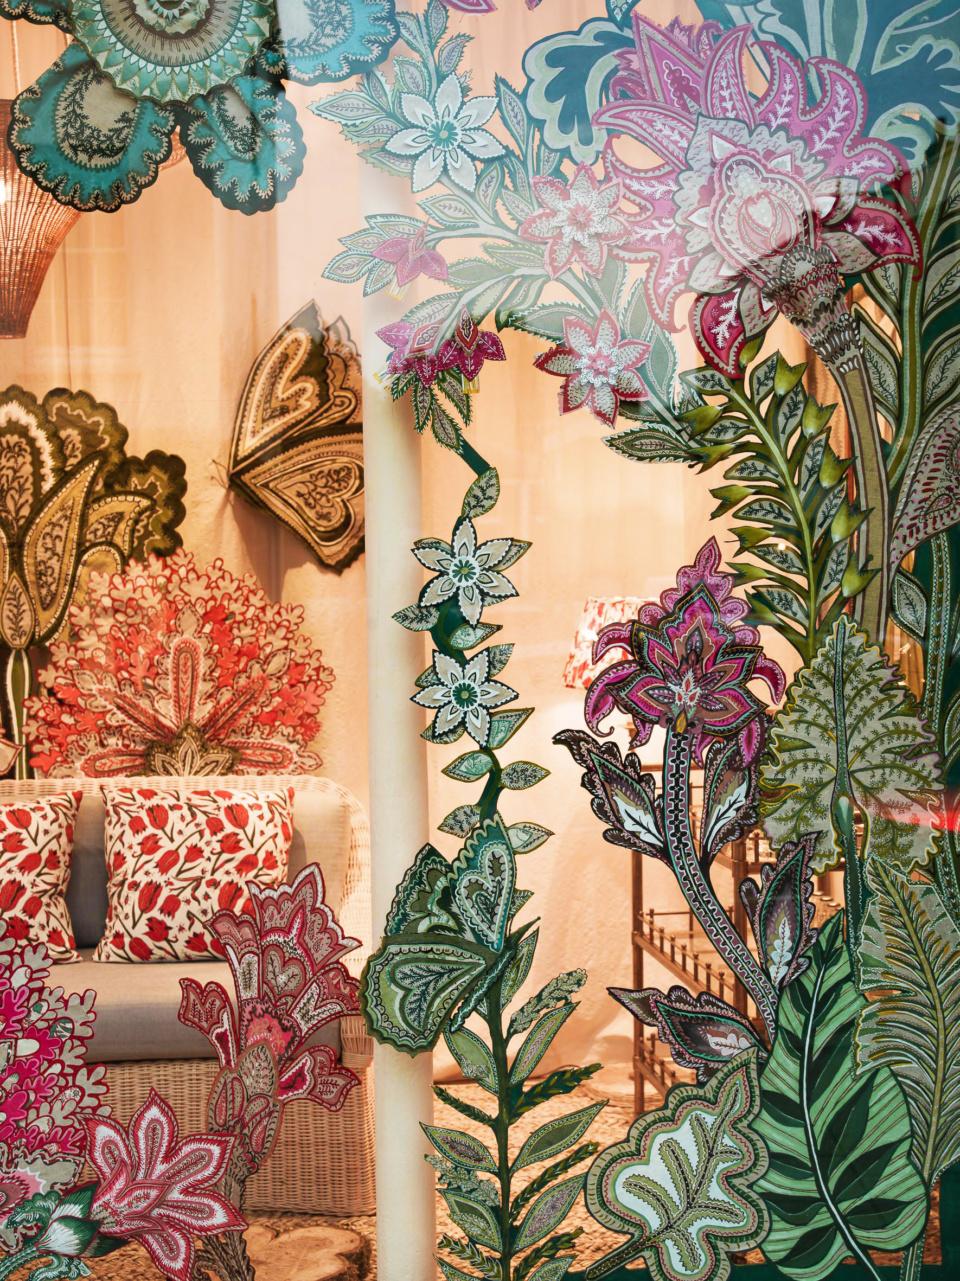 shop window display by Natasha Hulse textile artist